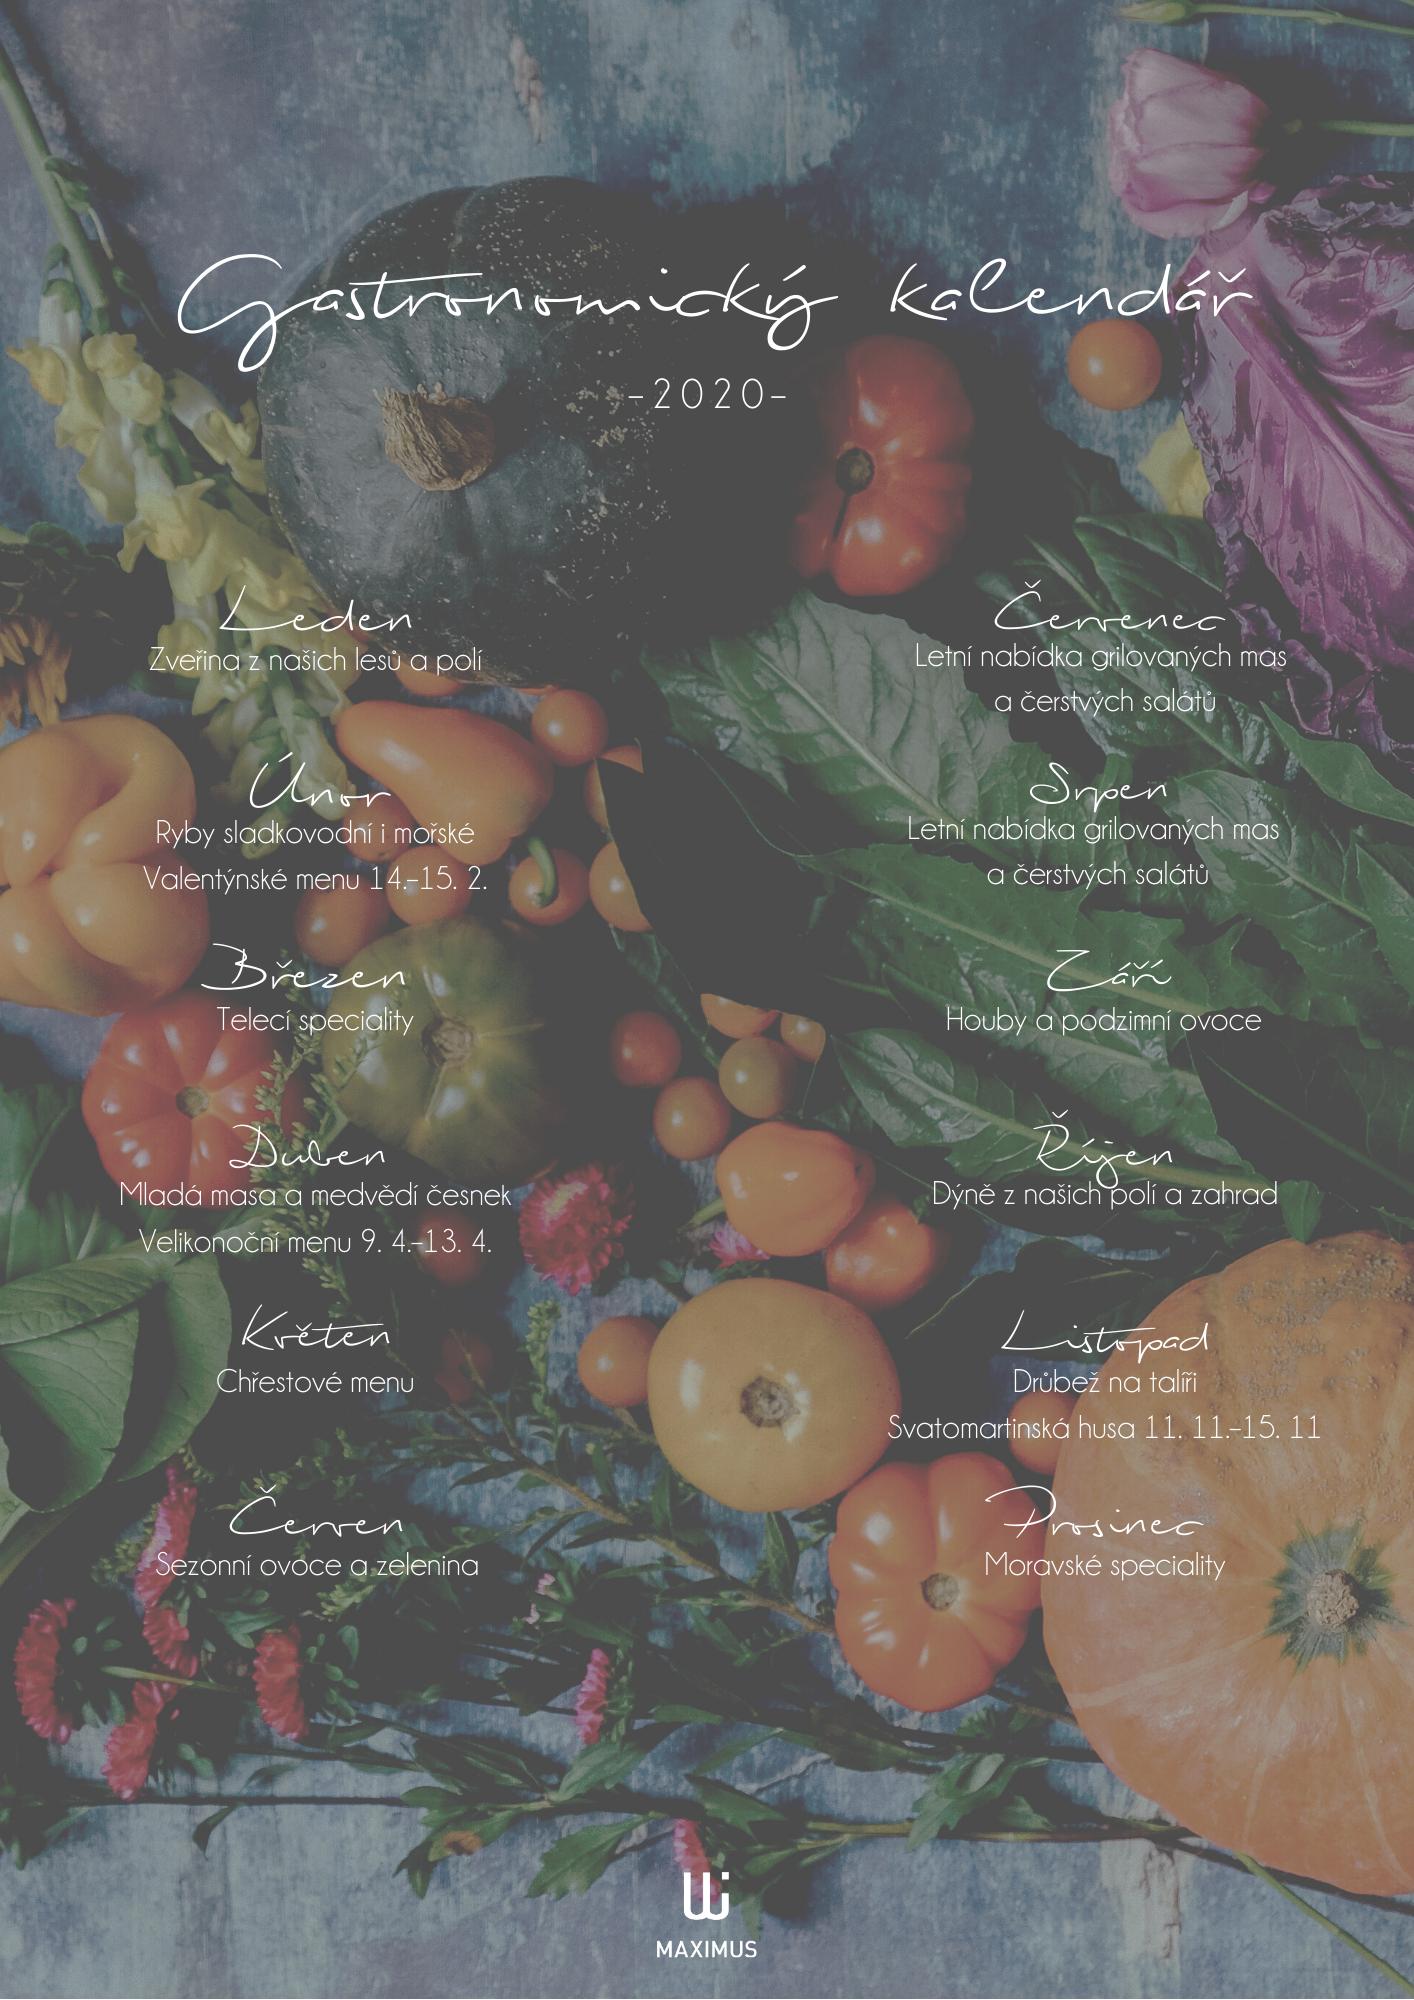 Gastronomický kalendář web_1